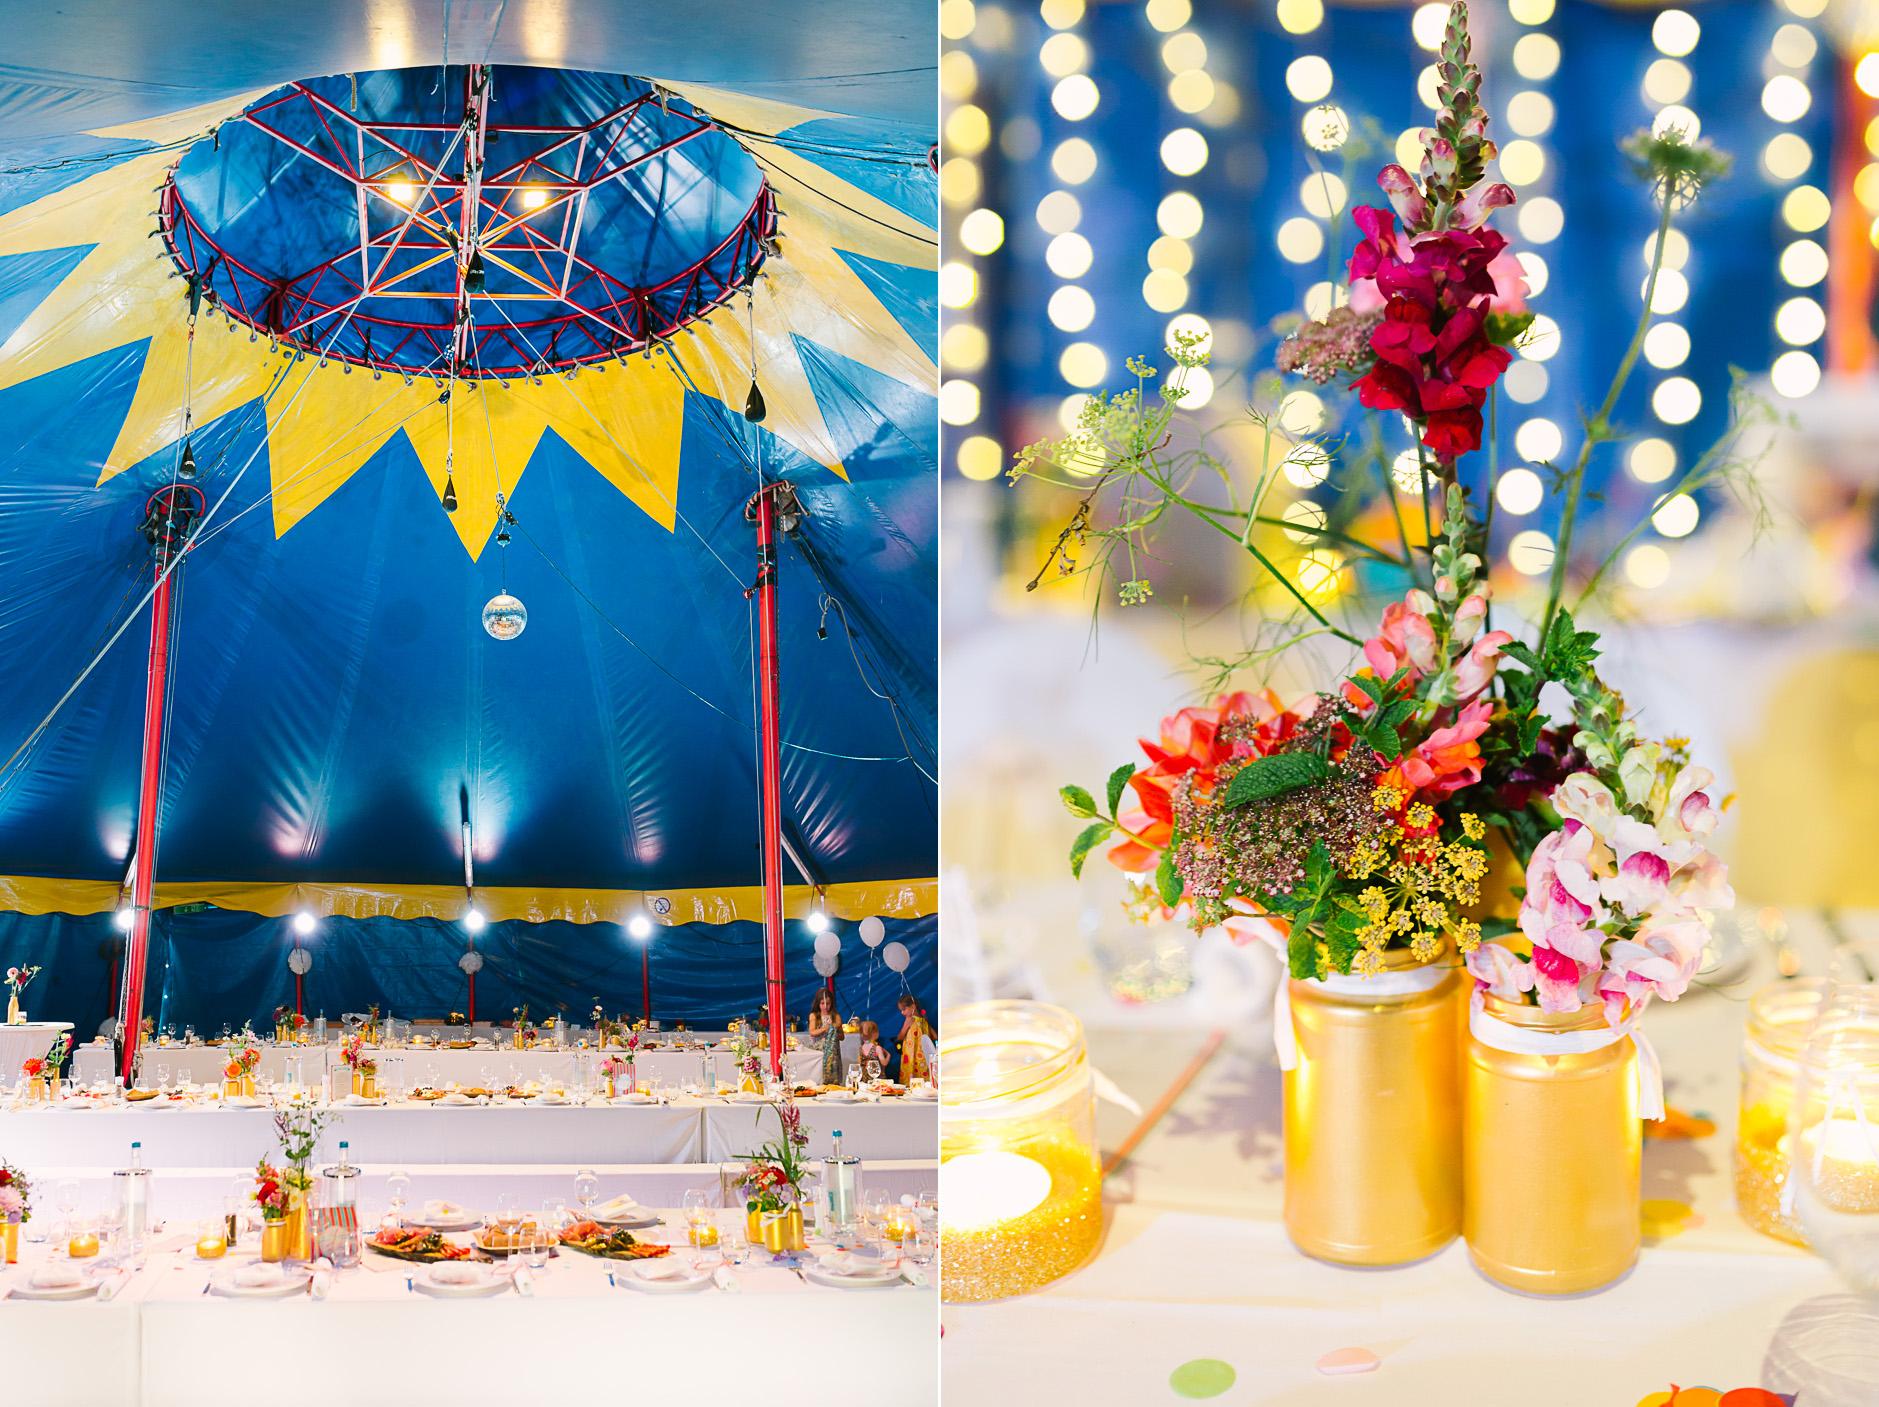 Hochzeitsfotograf Le Hai Linh Koeln Duesseldorf Bonn Zirkushochzeit Vintagehochzeit Sommerhochzeit 129.jpg